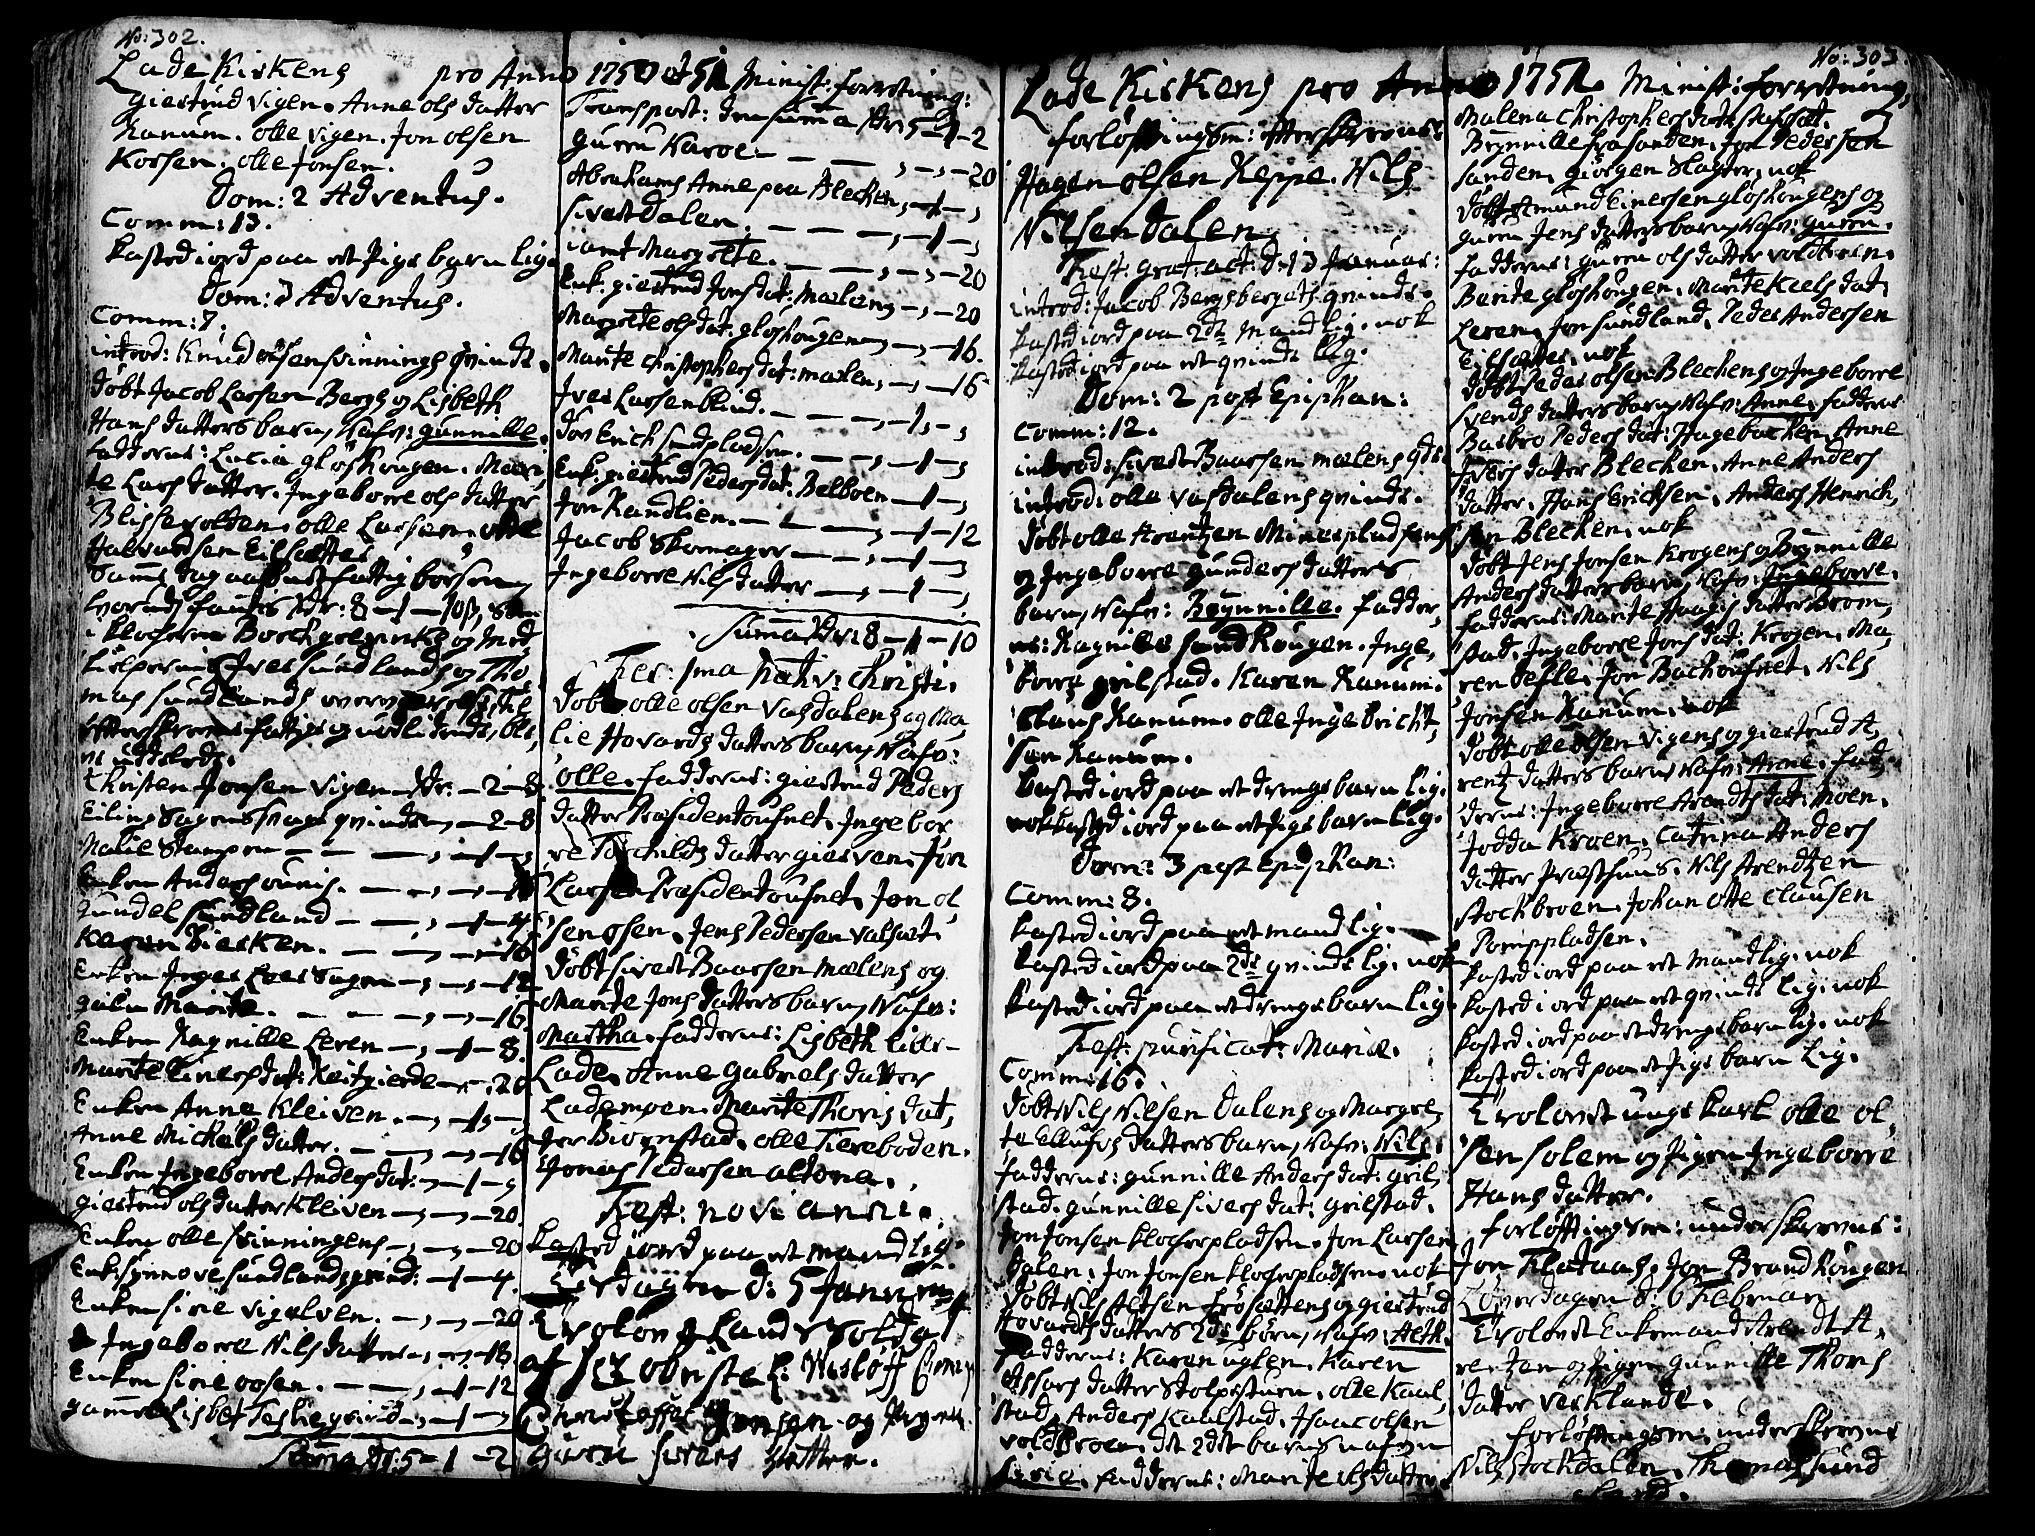 SAT, Ministerialprotokoller, klokkerbøker og fødselsregistre - Sør-Trøndelag, 606/L0275: Ministerialbok nr. 606A01 /1, 1727-1780, s. 302-303